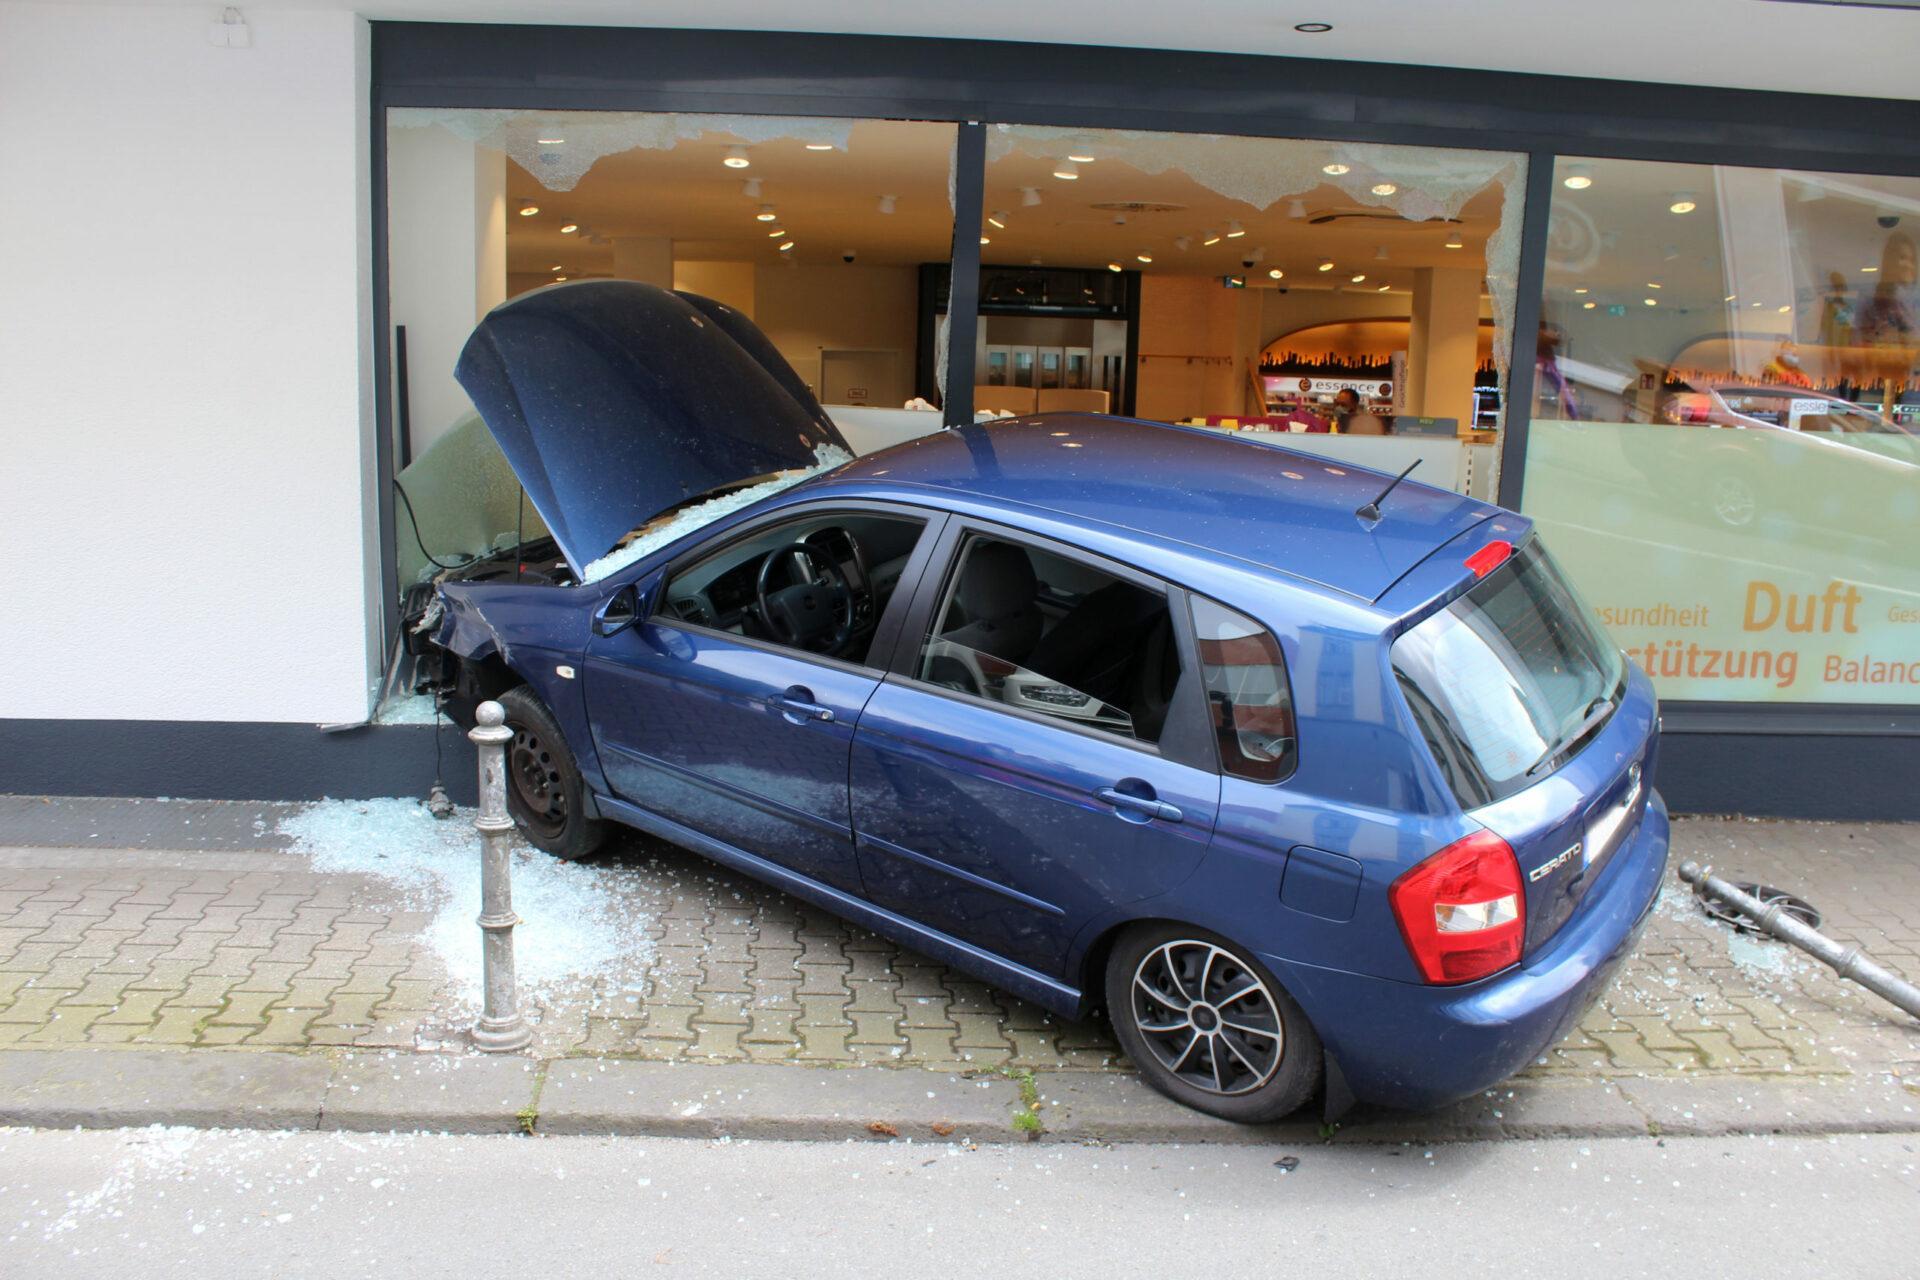 Auto landet bei Verkehrsunfall in Drogerie-Schaufenster – drei Verletzte